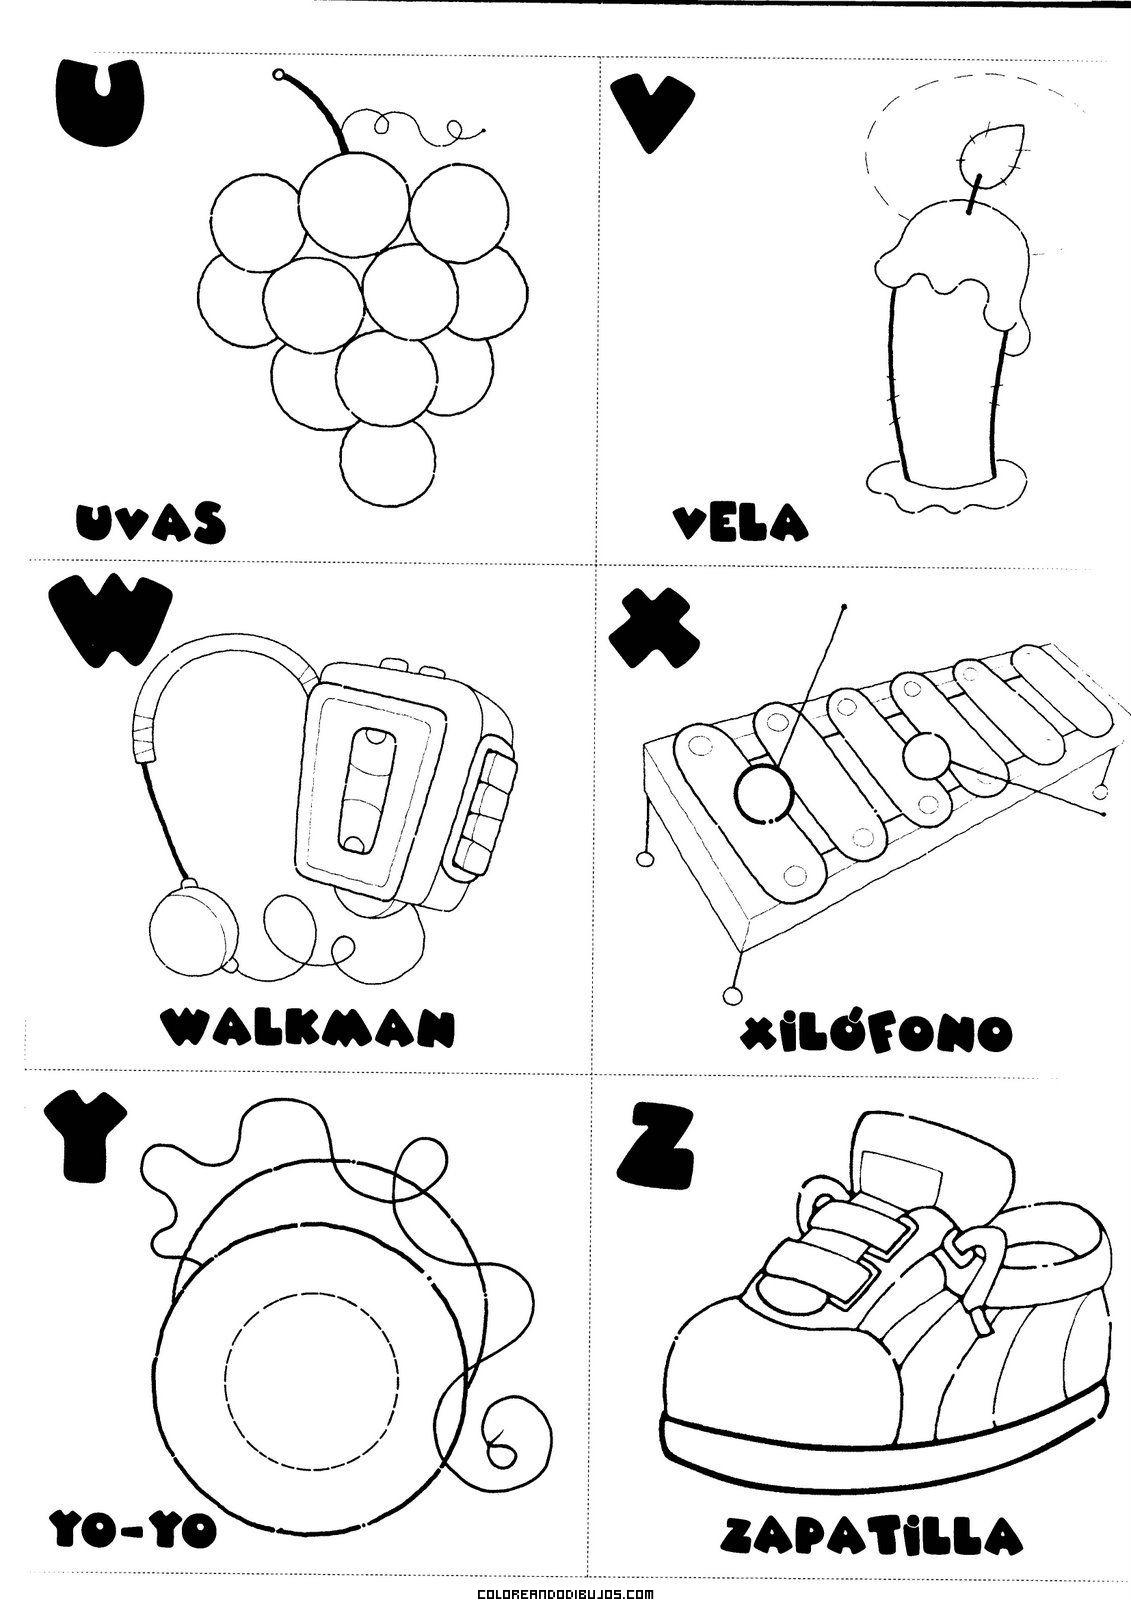 Letras U, V, W, X, Y, Z para colorear